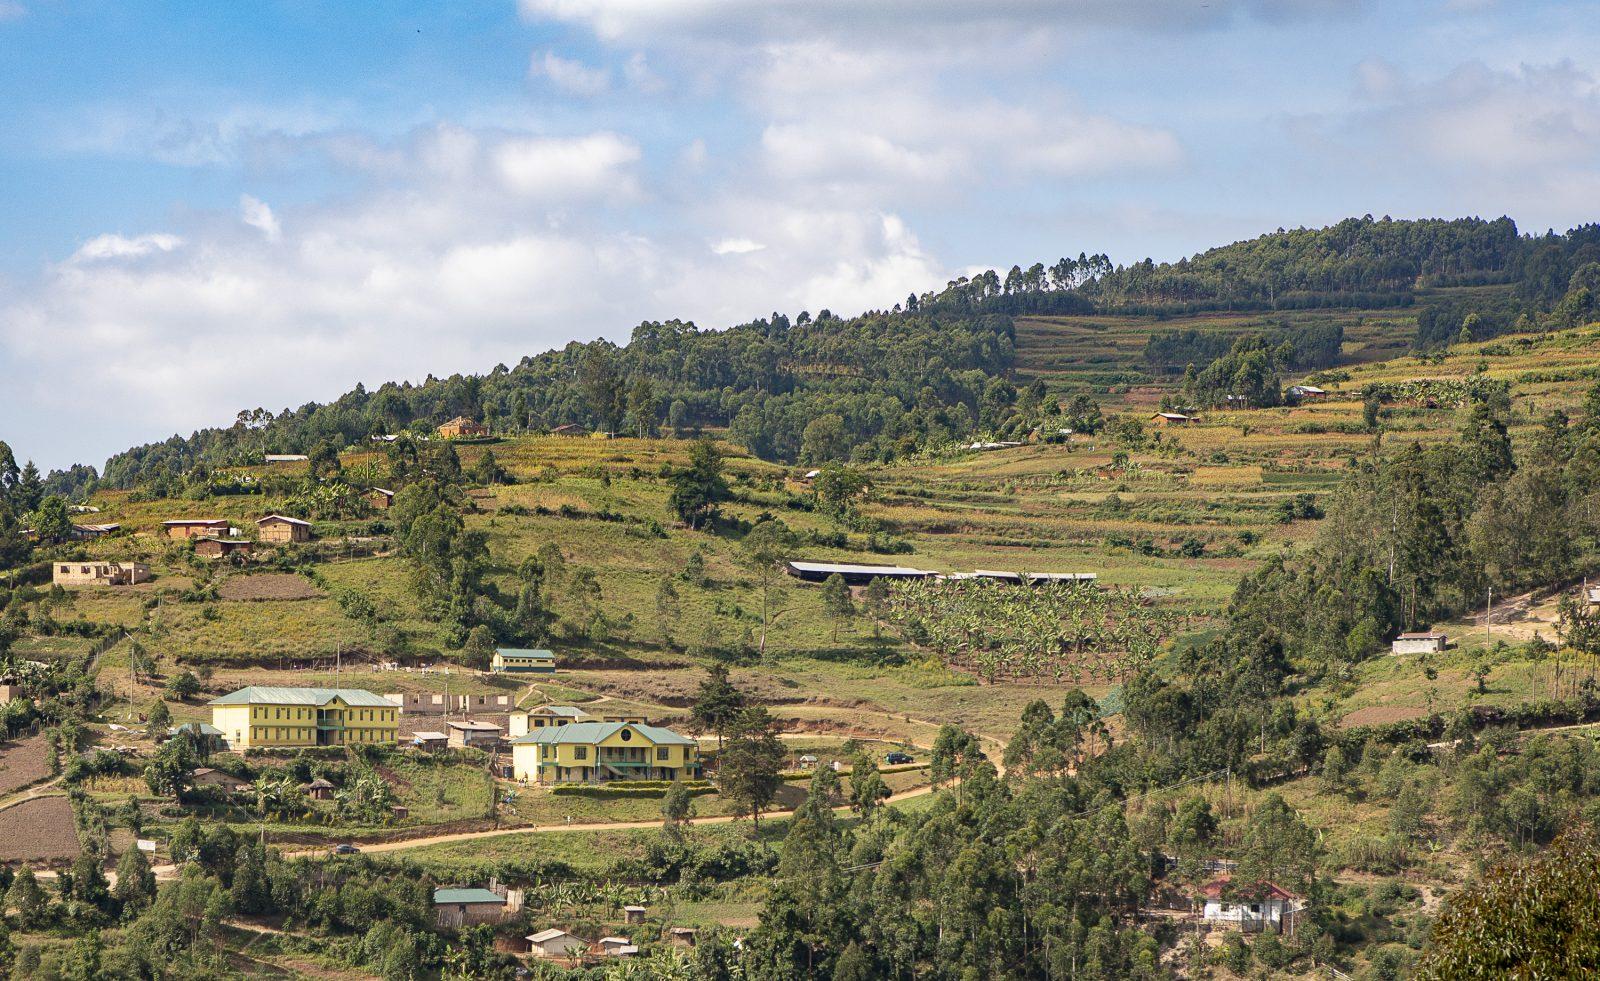 Kullen i Kabale, Uganda där Child Africa har byggt flera skolbyggnader tack vare finansieringen från Better Globes donationspaket